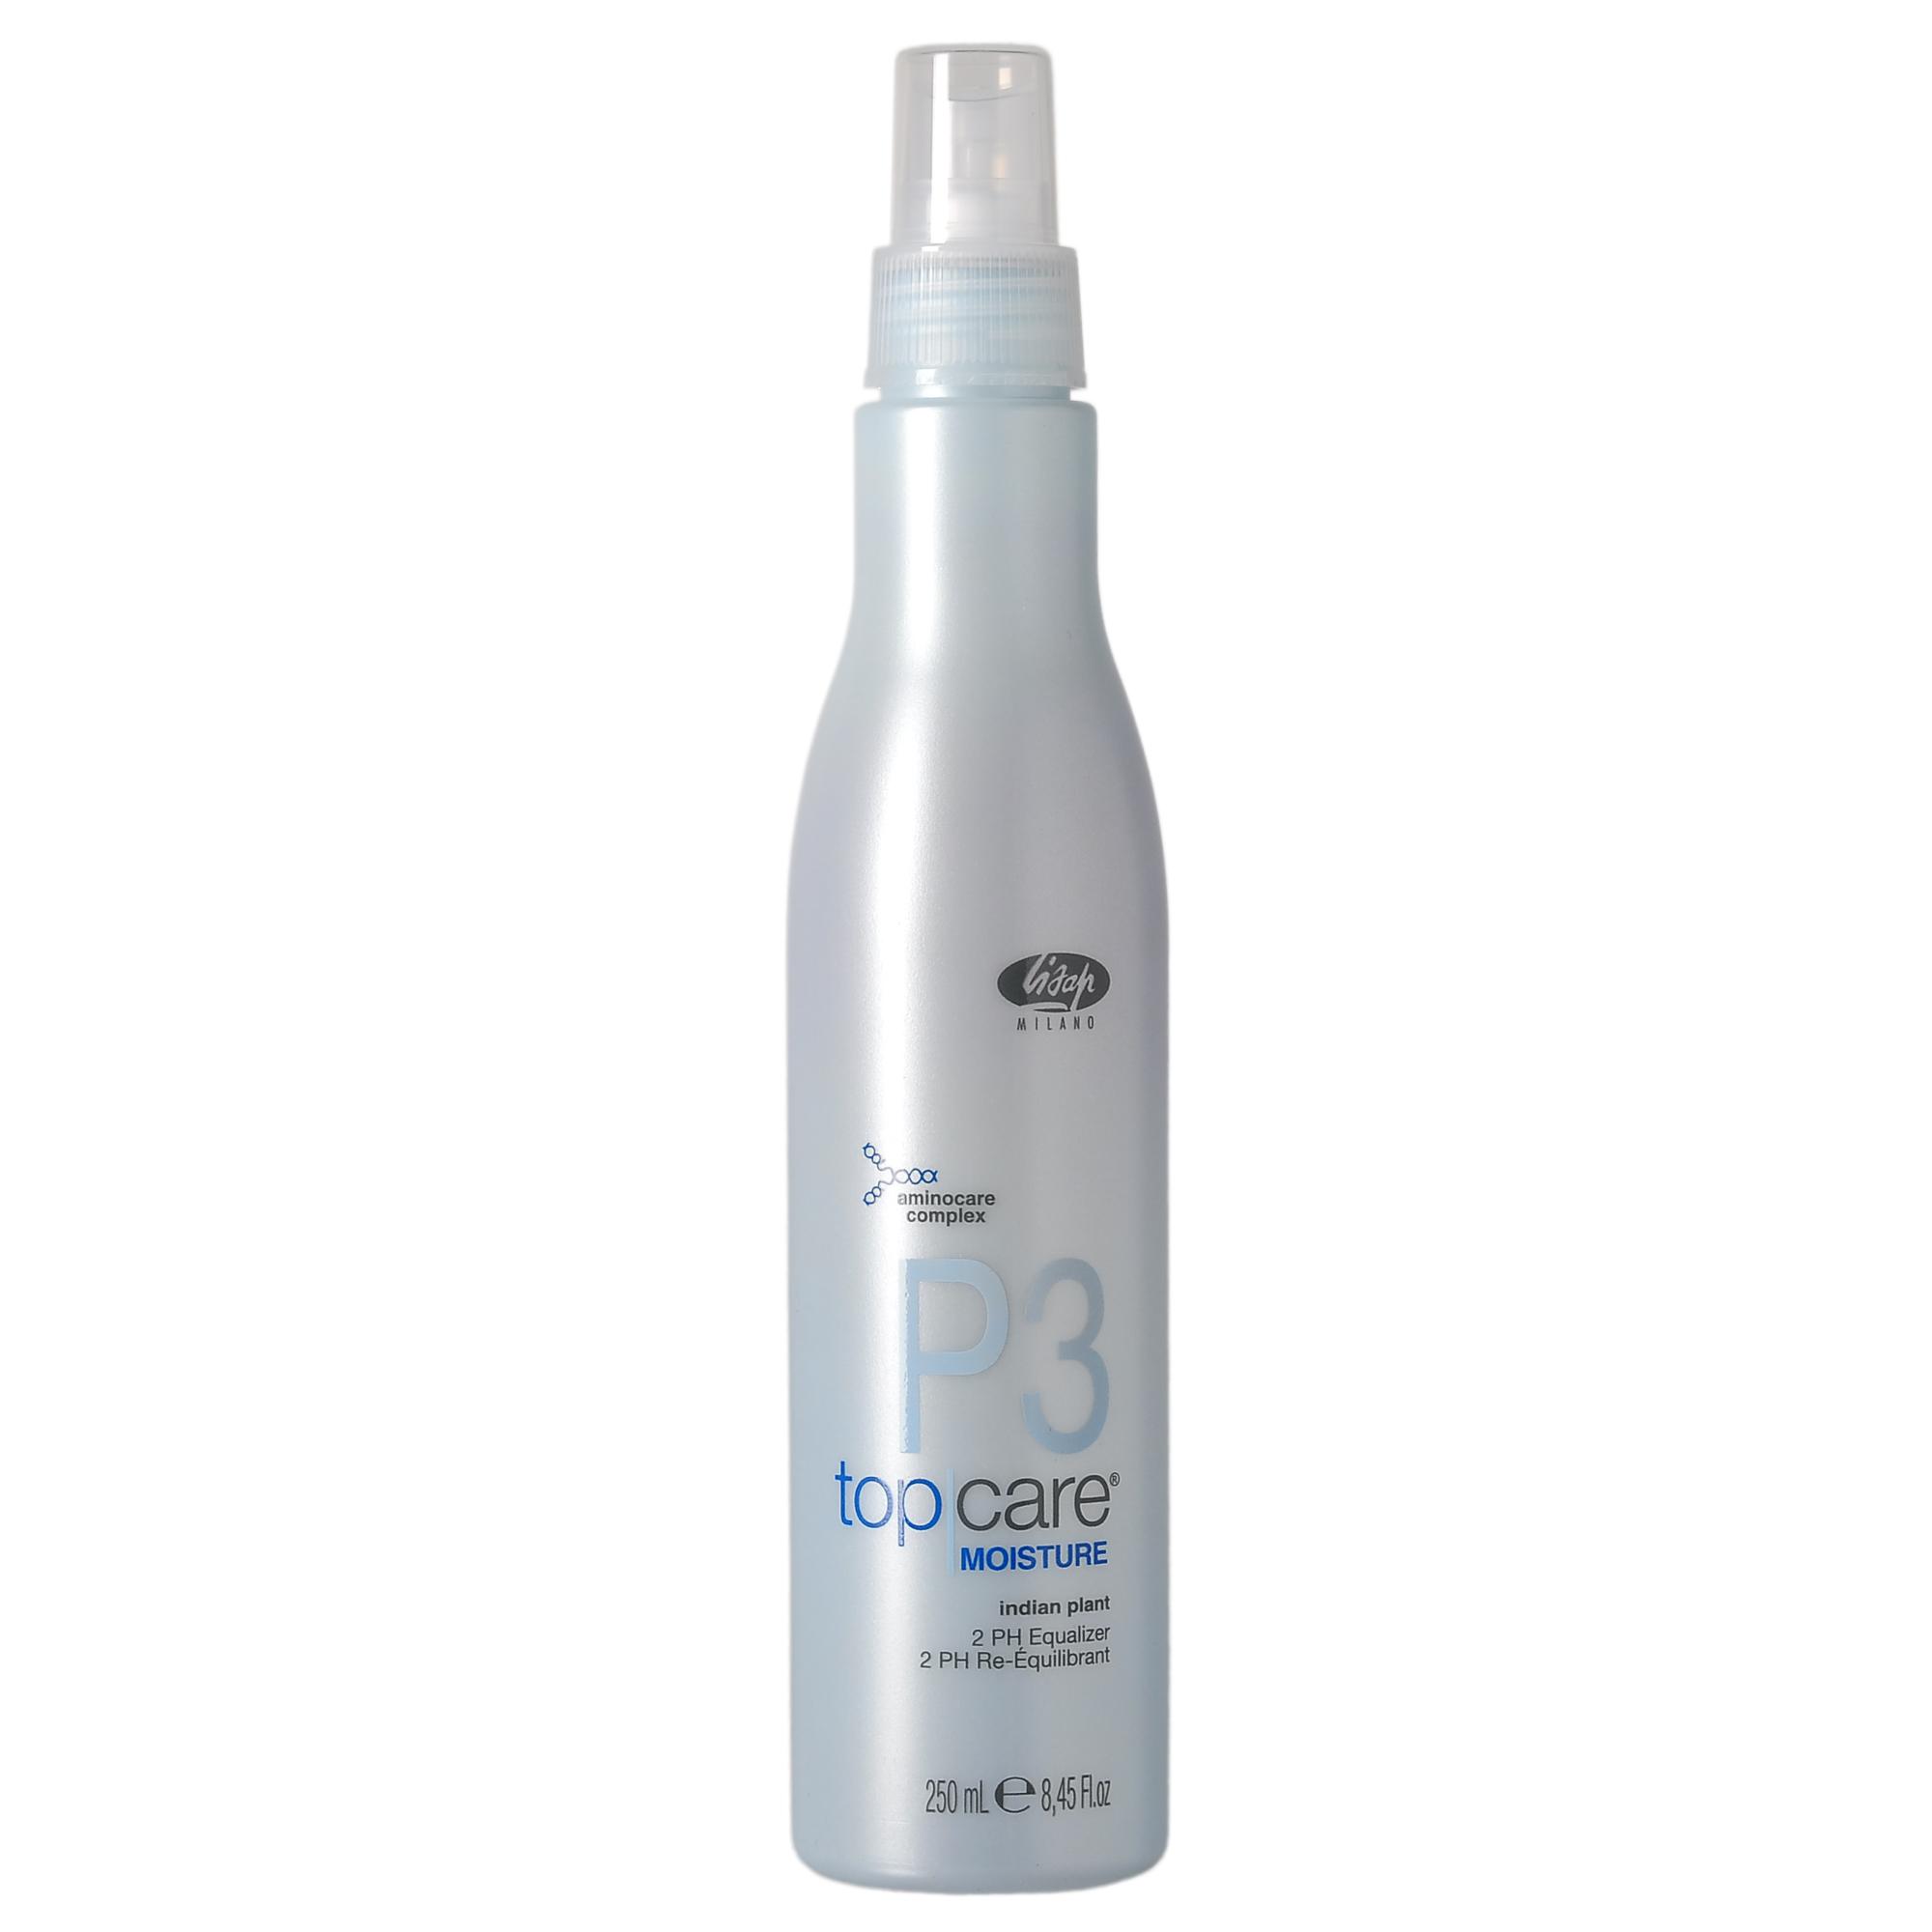 LISAP MILANO Спрей-бальзам двухфазный для устранения пористости волос / TOP CARE MOISTURE 250млБальзамы<br>Мгновенно восстанавливает баланс пористости на повреждённых участках волос. Облегчает ежедневную укладку. Хорошо увлажняет и питает волосы. Возвращает им естественную мягкость и блеск по всей длине от корней до кончиков. Незаменимое средство для ухода за волосами после любой химической обработки. Может наноситься также на сухие волосы для облегчения ежедневного стайлинга, обеспечивает идеальную защиту от температурного воздействия при использовании керамических утюжков и других средств. Активные ингредиенты: комплекс Aminocare (керамиды А2, аминокислоты пшеницы, экстракт гибискуса, микропротеины Puricare), экстракт кассии узколистой, масло жожоба, масло карите, масло авокадо, гидролизованные протеины шёлка, кератин. Способ применения: взболтать, чтобы соединить две составляющие фазы, распылить на влажные волосы. Не смывать.<br><br>Тип: Спрей-бальзам<br>Вид средства для волос: Двухфазный